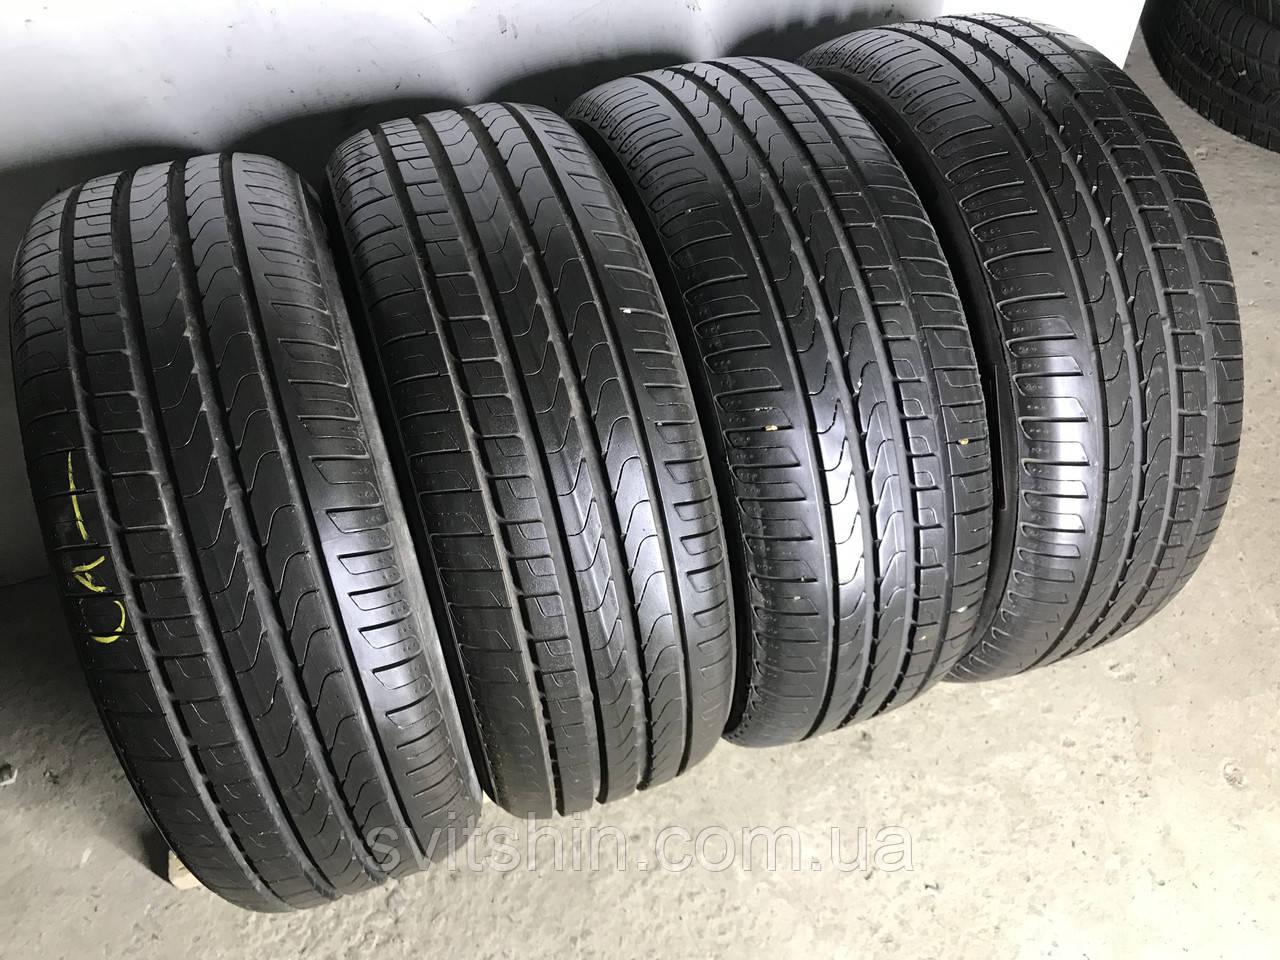 Літні шини 215/55R17 Pirelli Cinturato P7 (7мм) 4шт